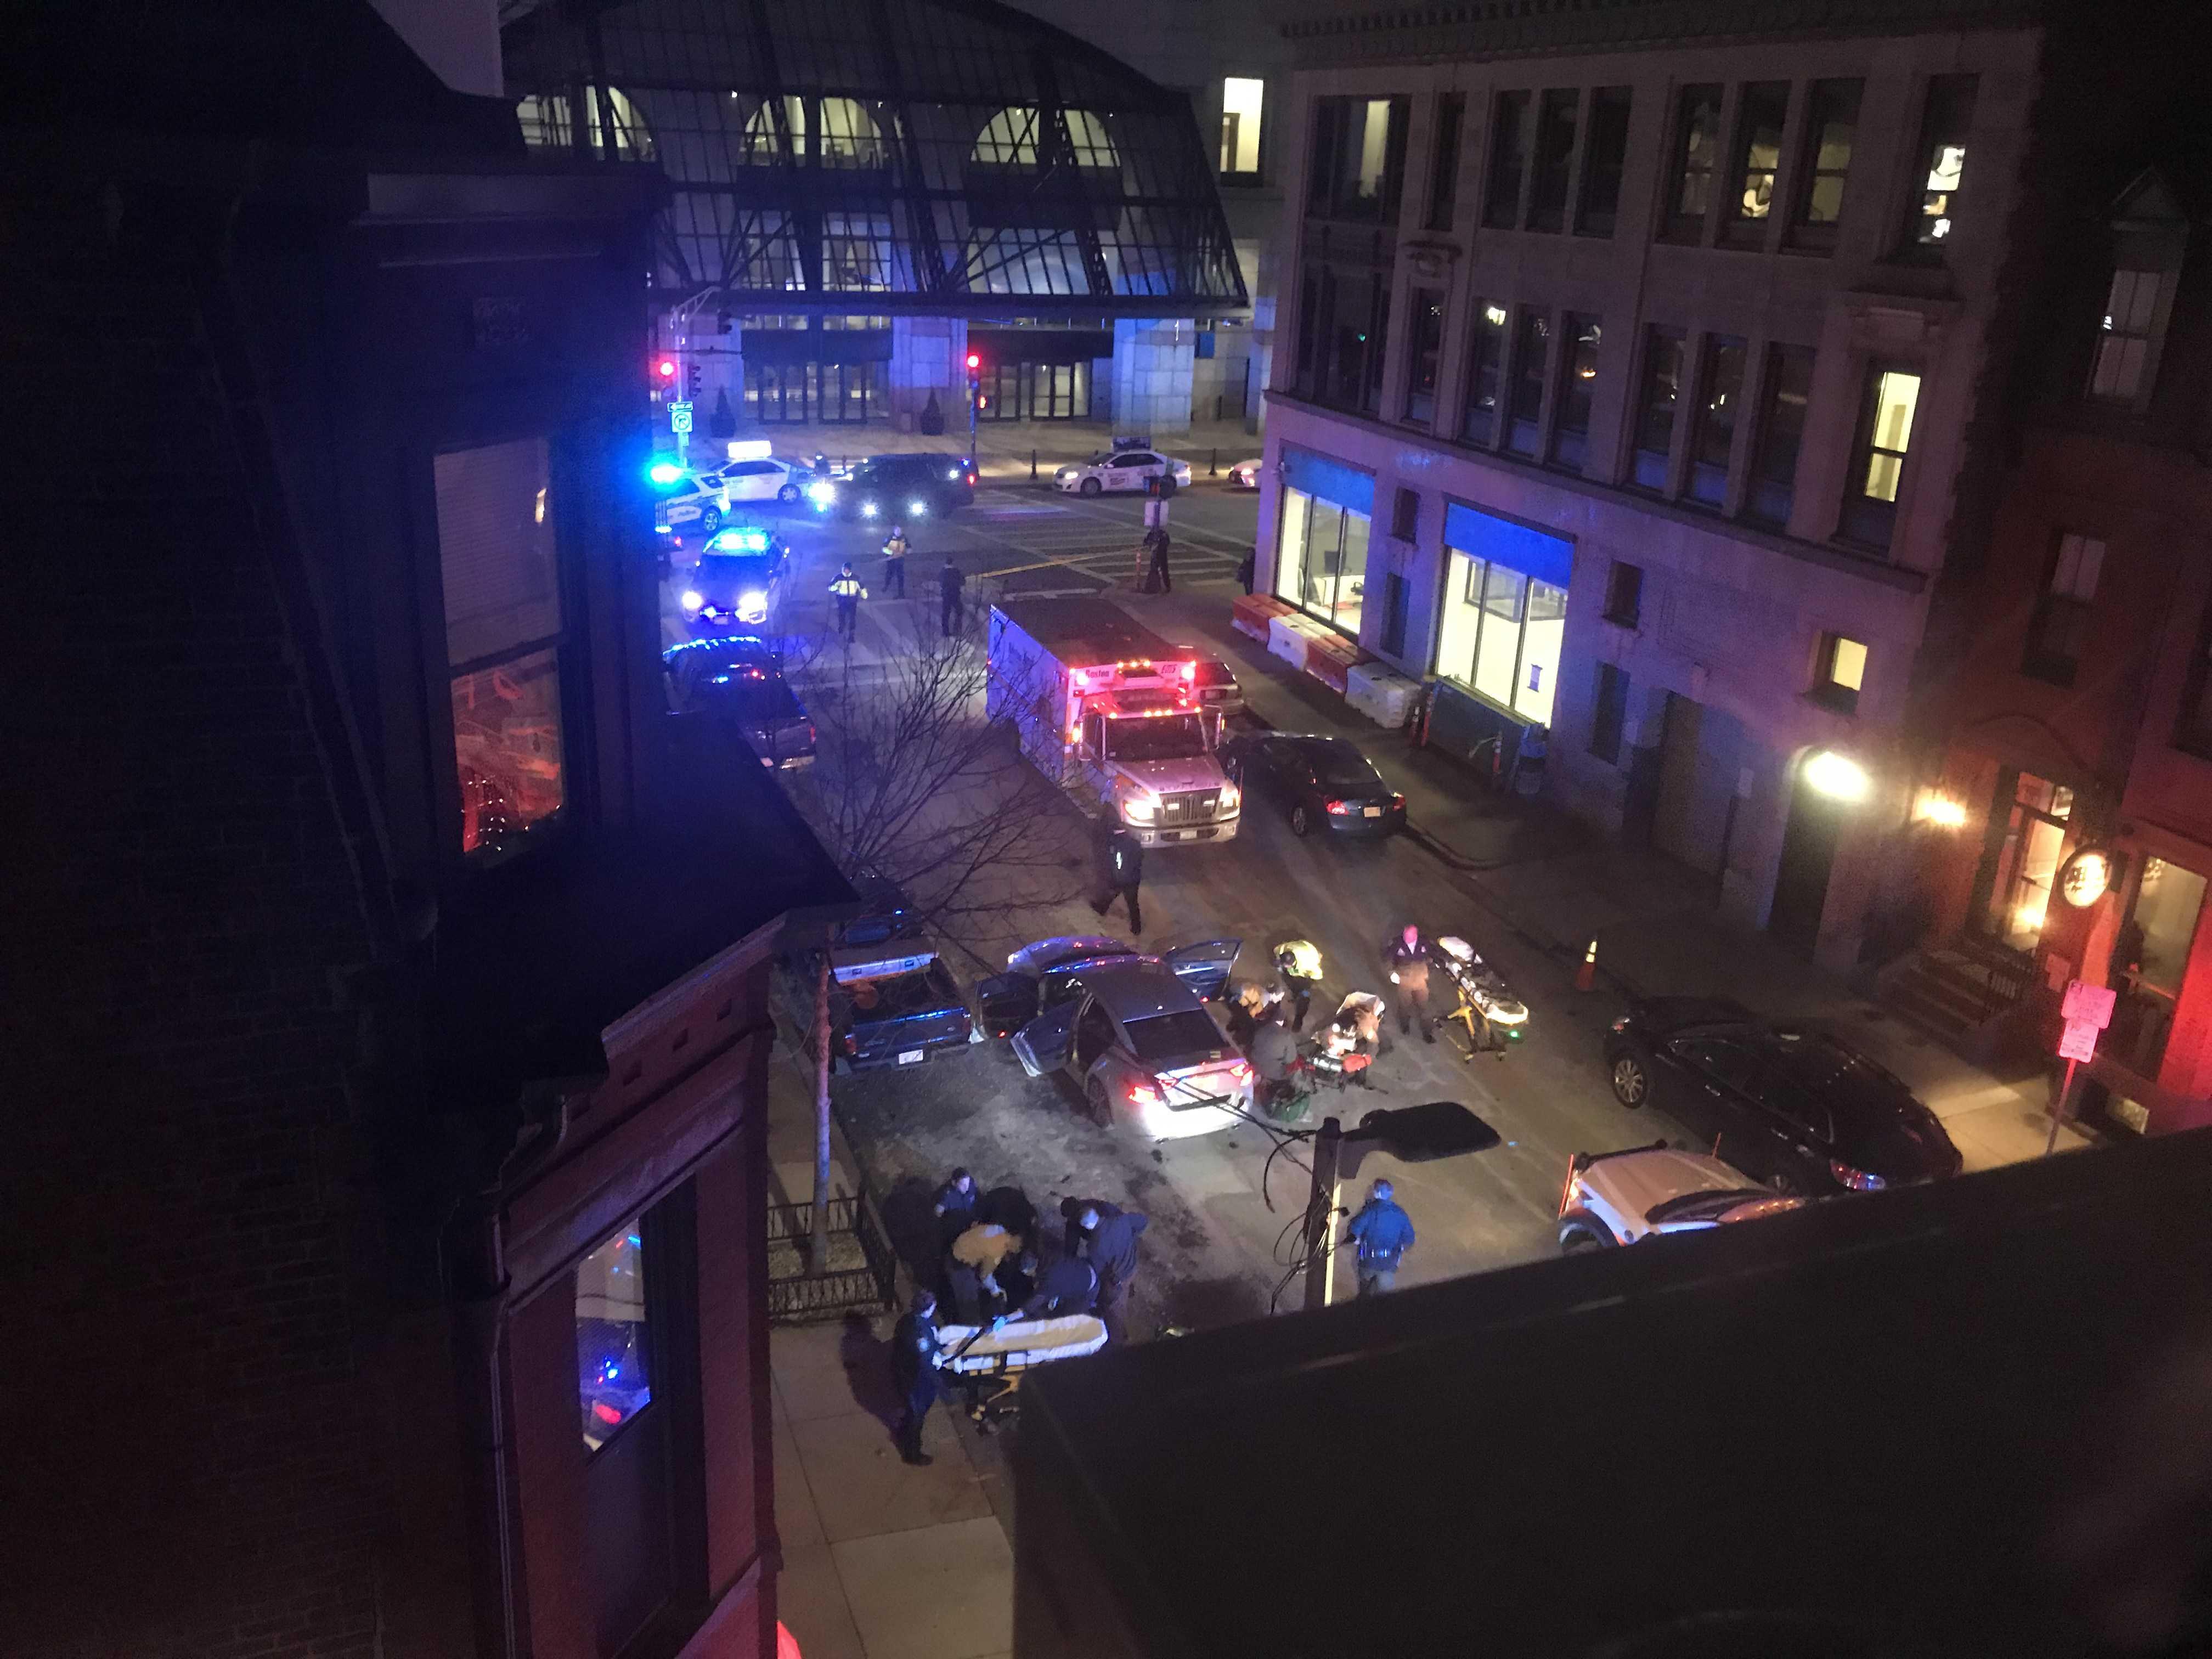 2 shot, 1 dead in Boston's Back Bay neighborhood